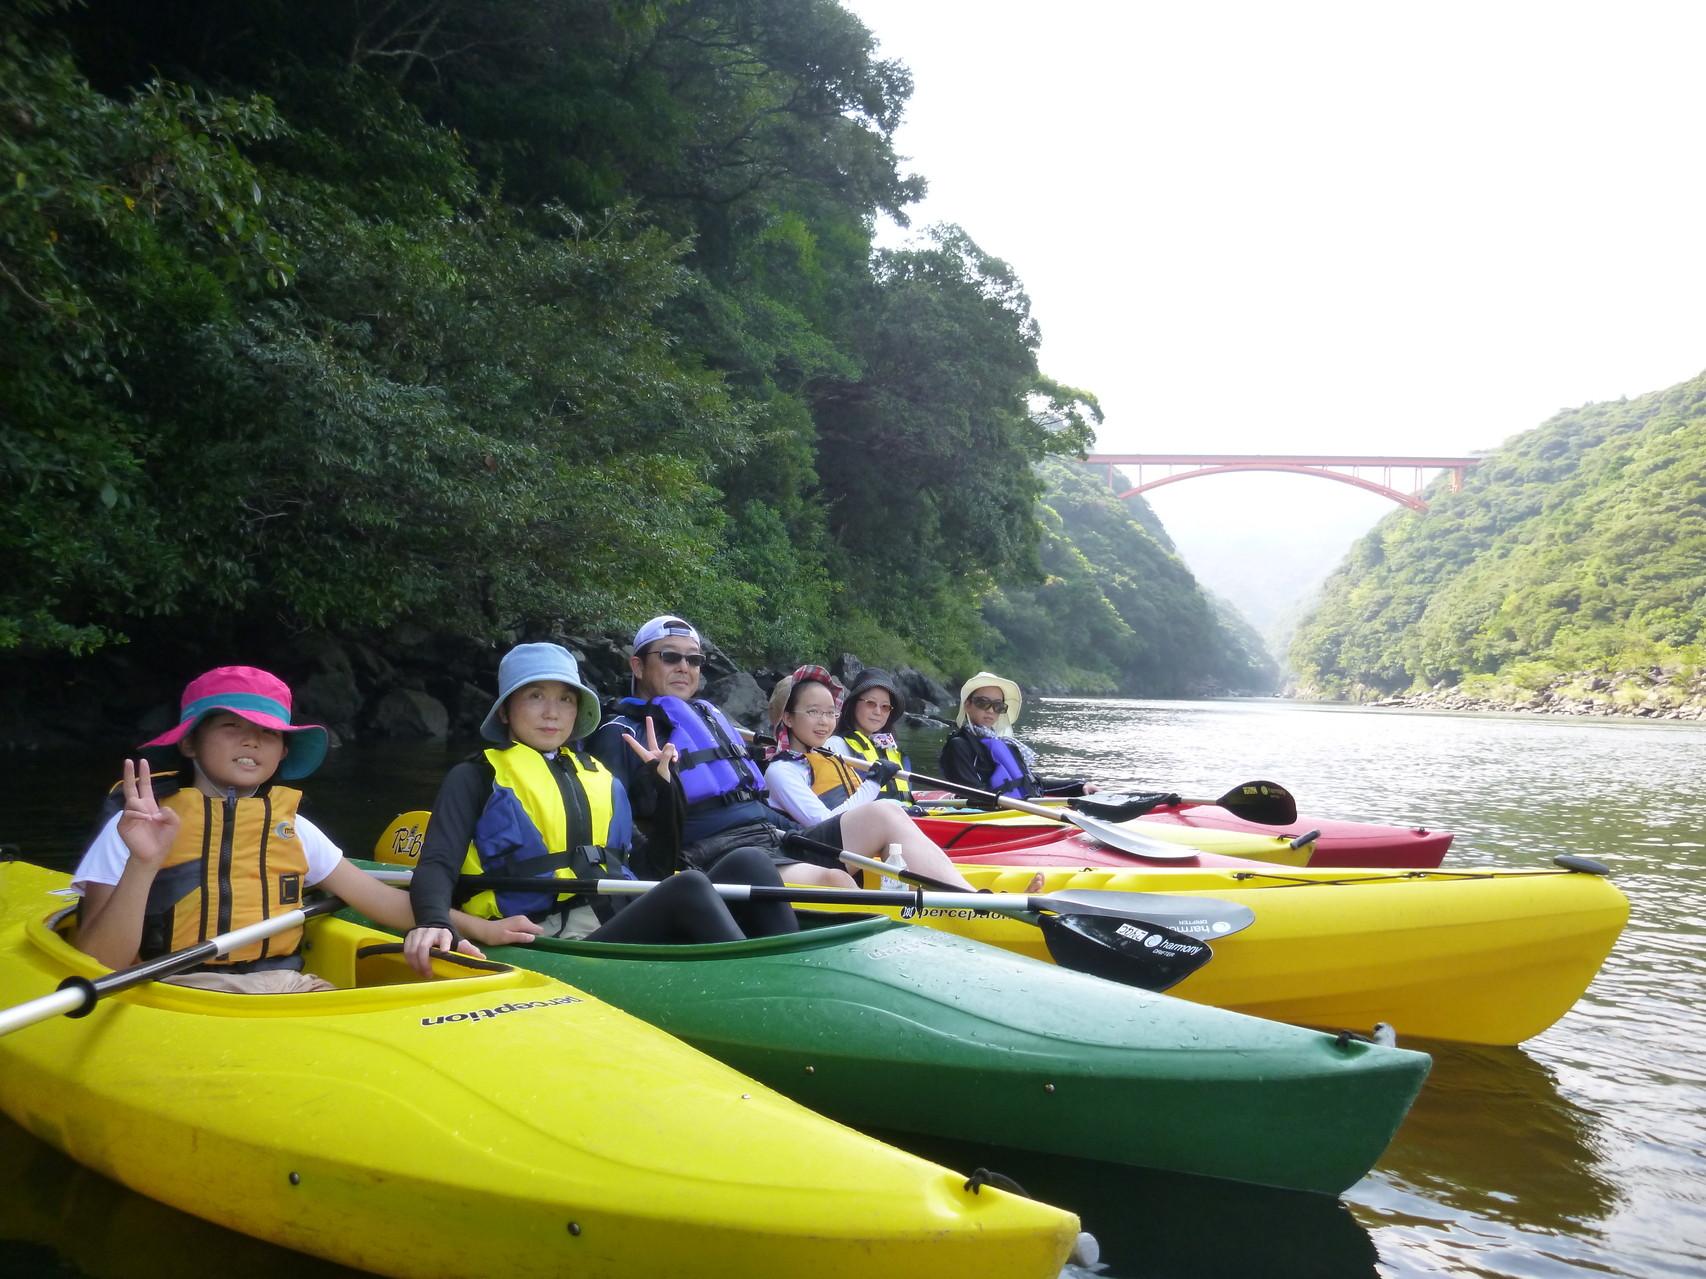 屋久島でカヌーを楽しむ人たち